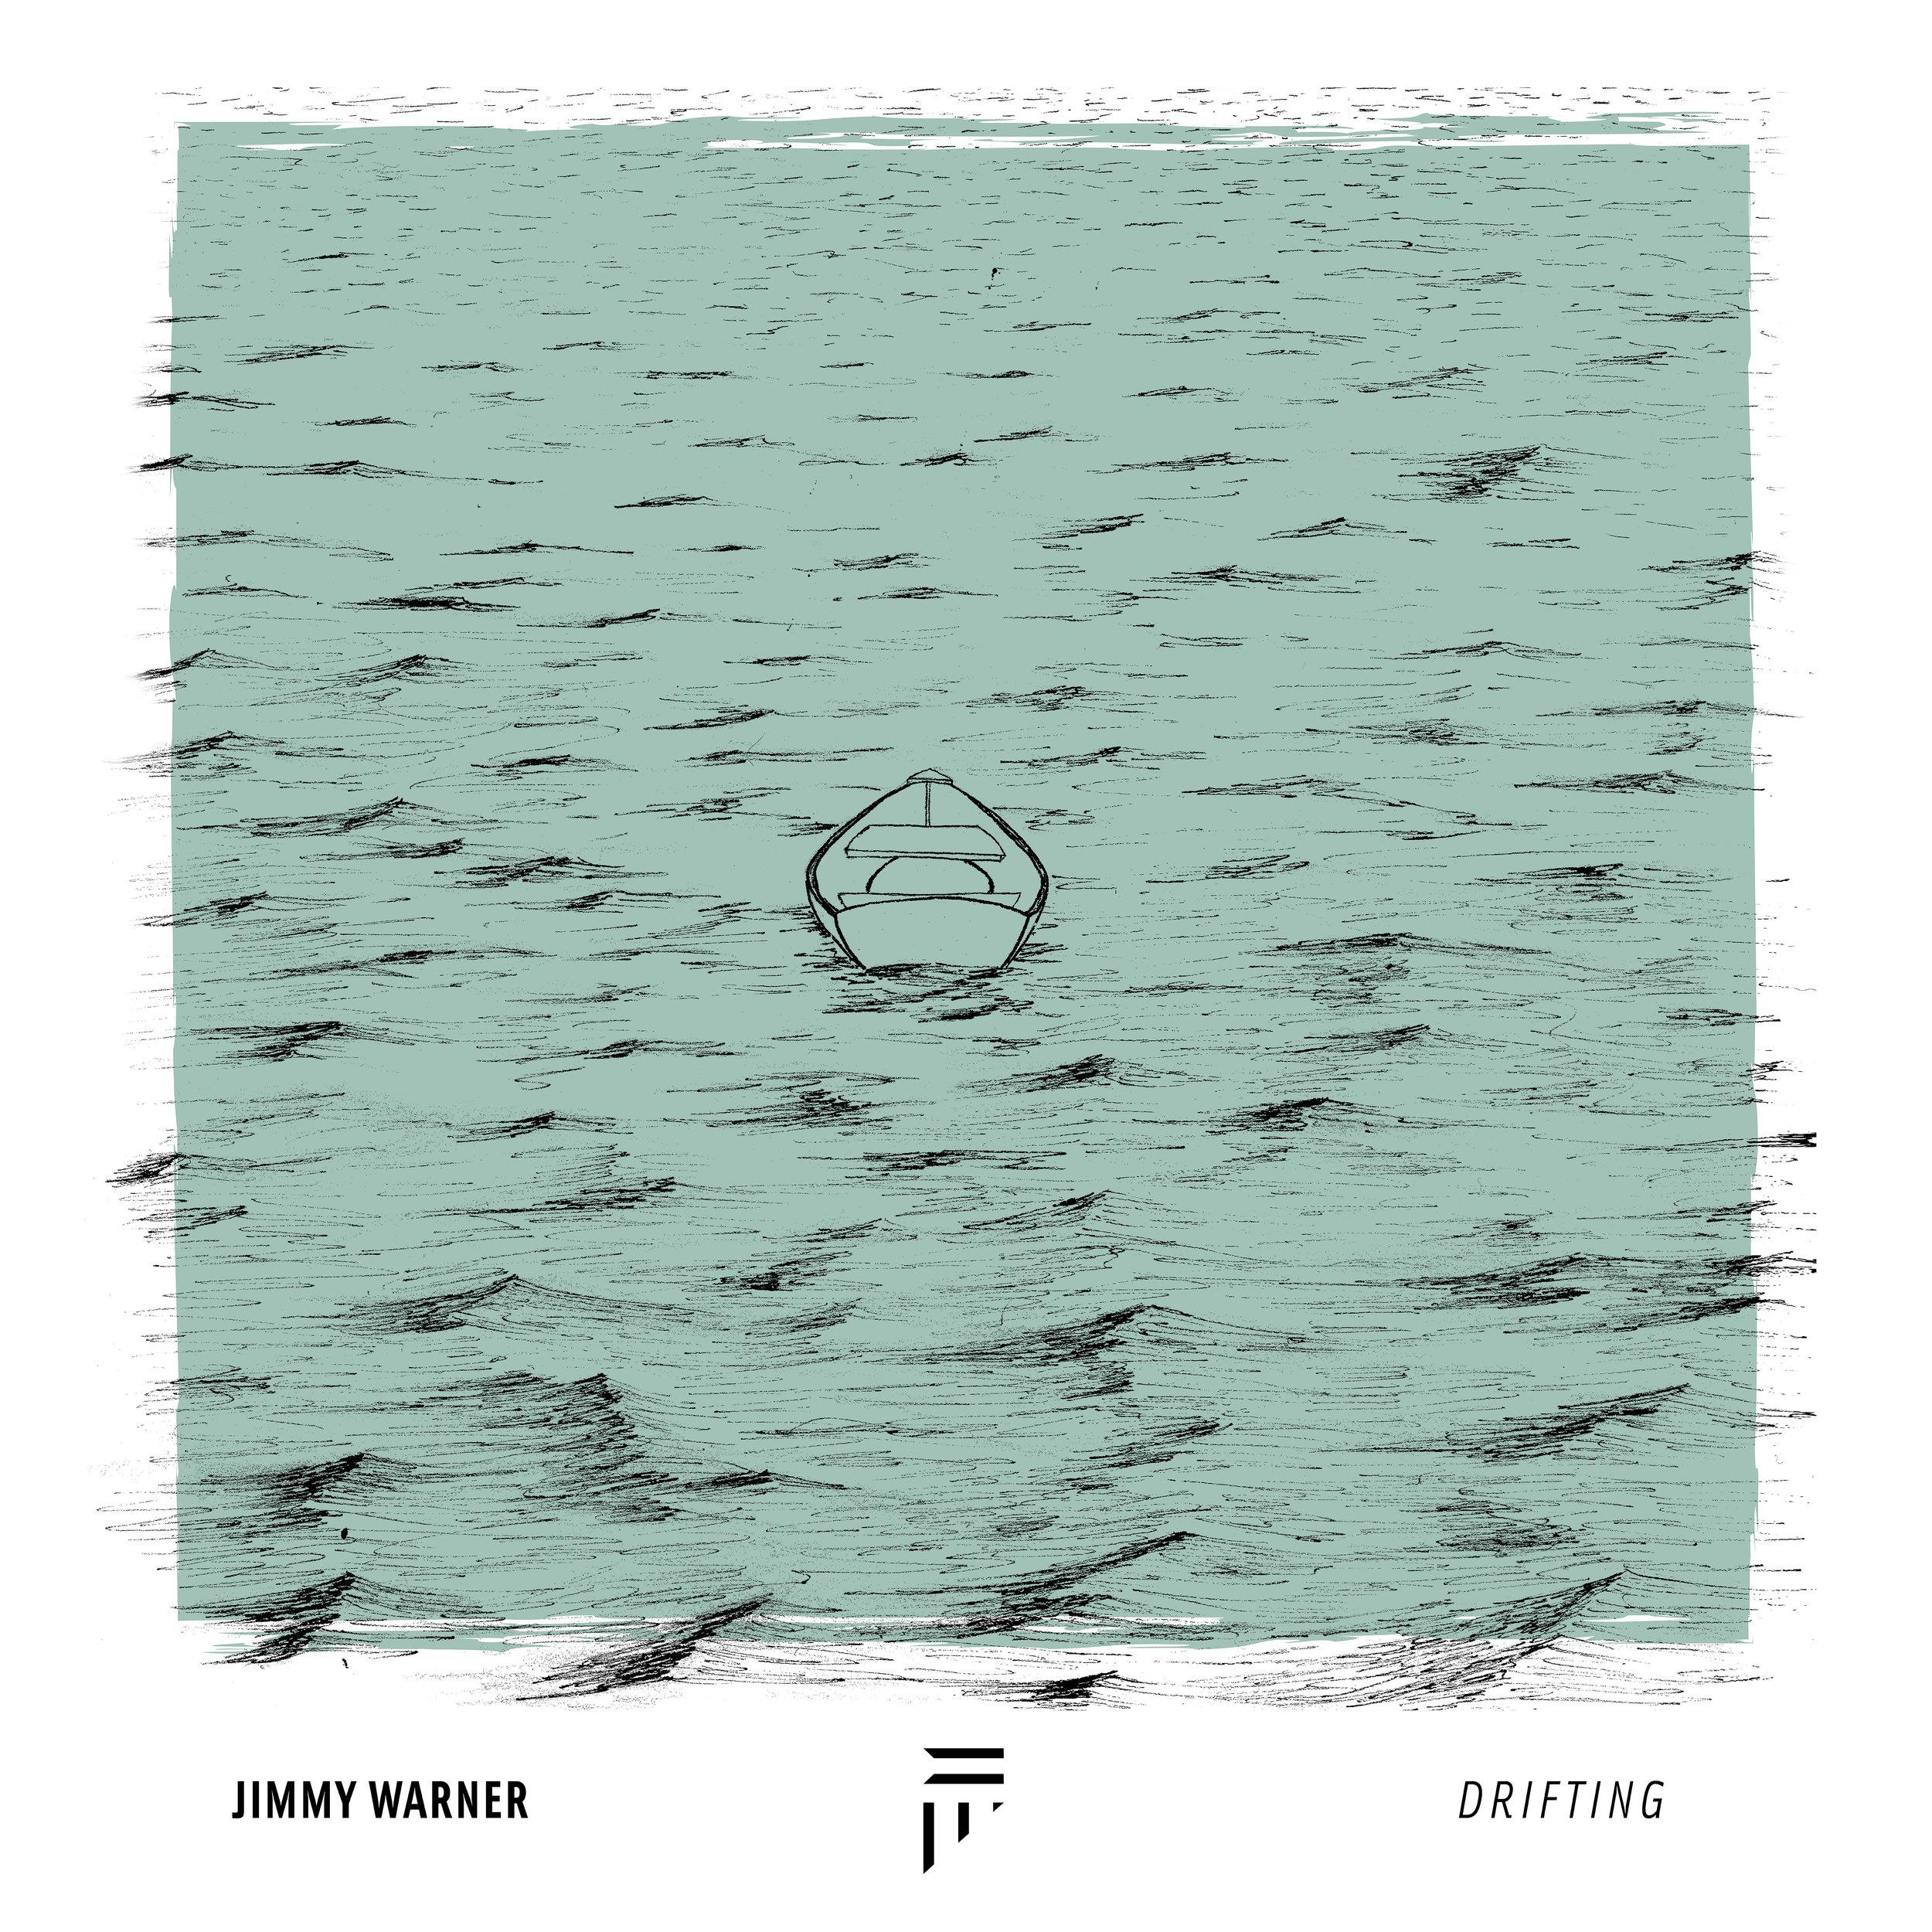 Jimmy Warner_Drifting Cover_v3_FINAL.jpg